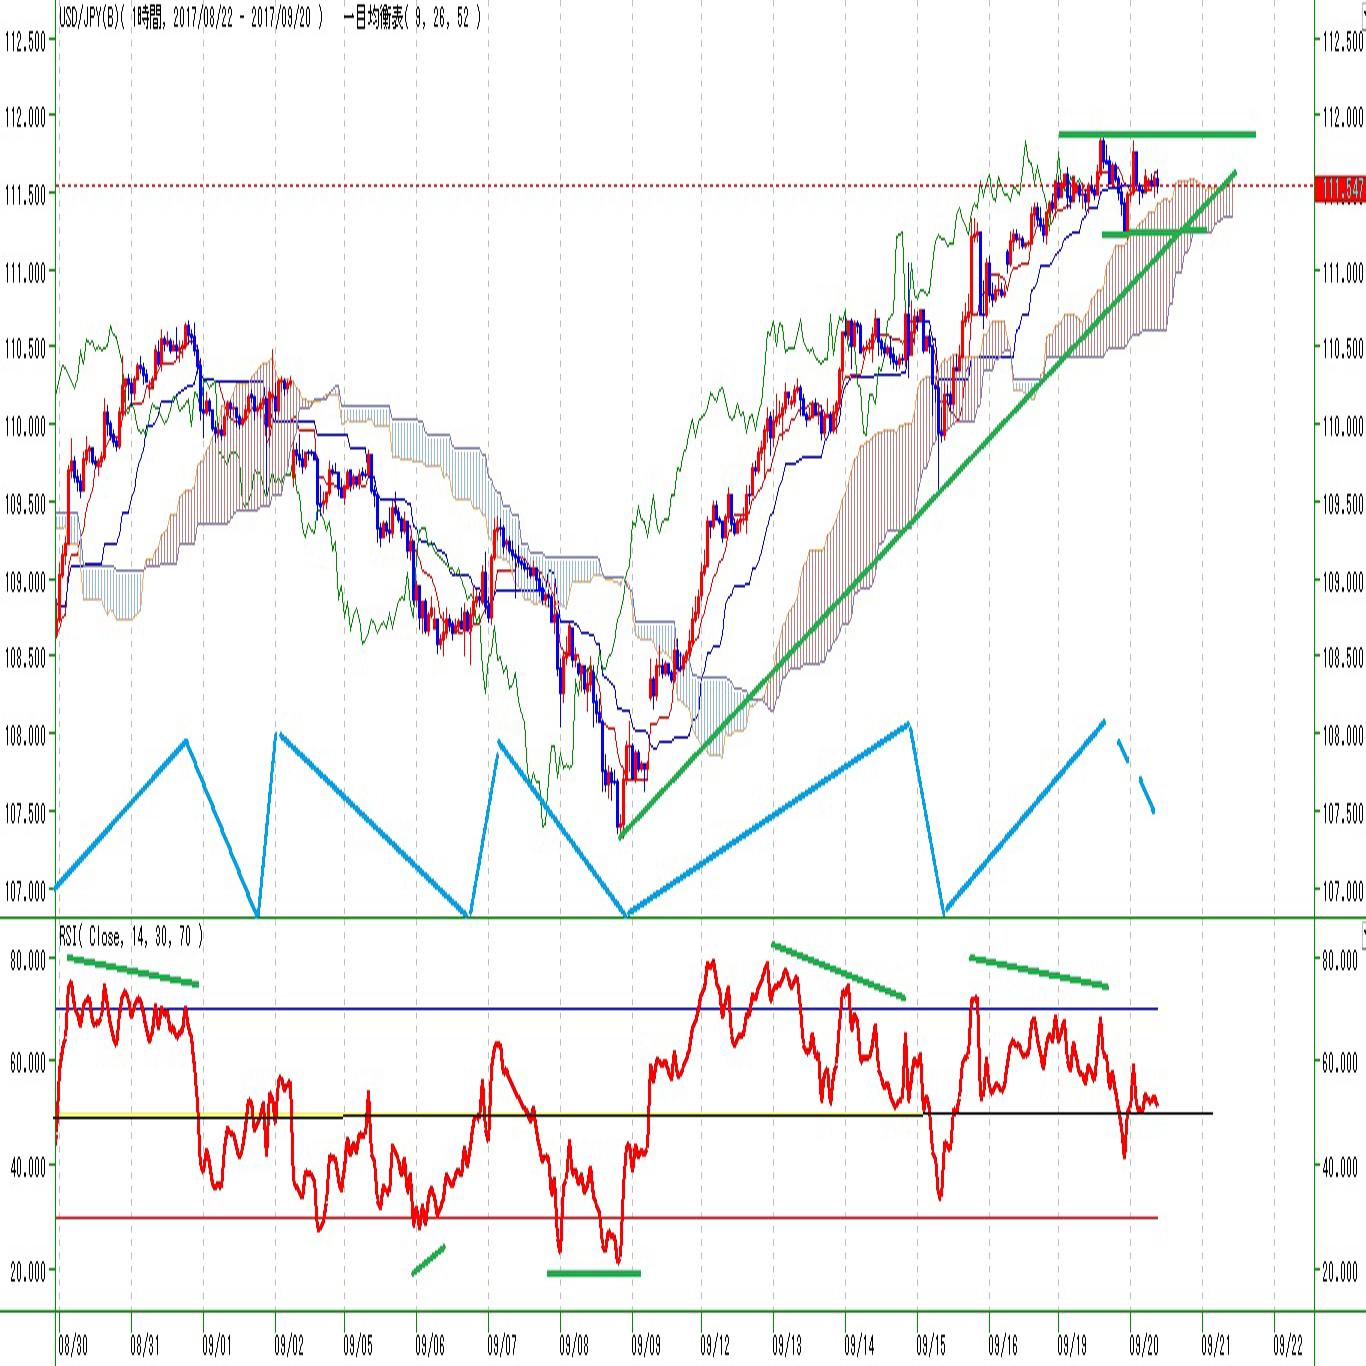 ドル円見通しFOMC日銀政策発表前で足踏み(9/20)